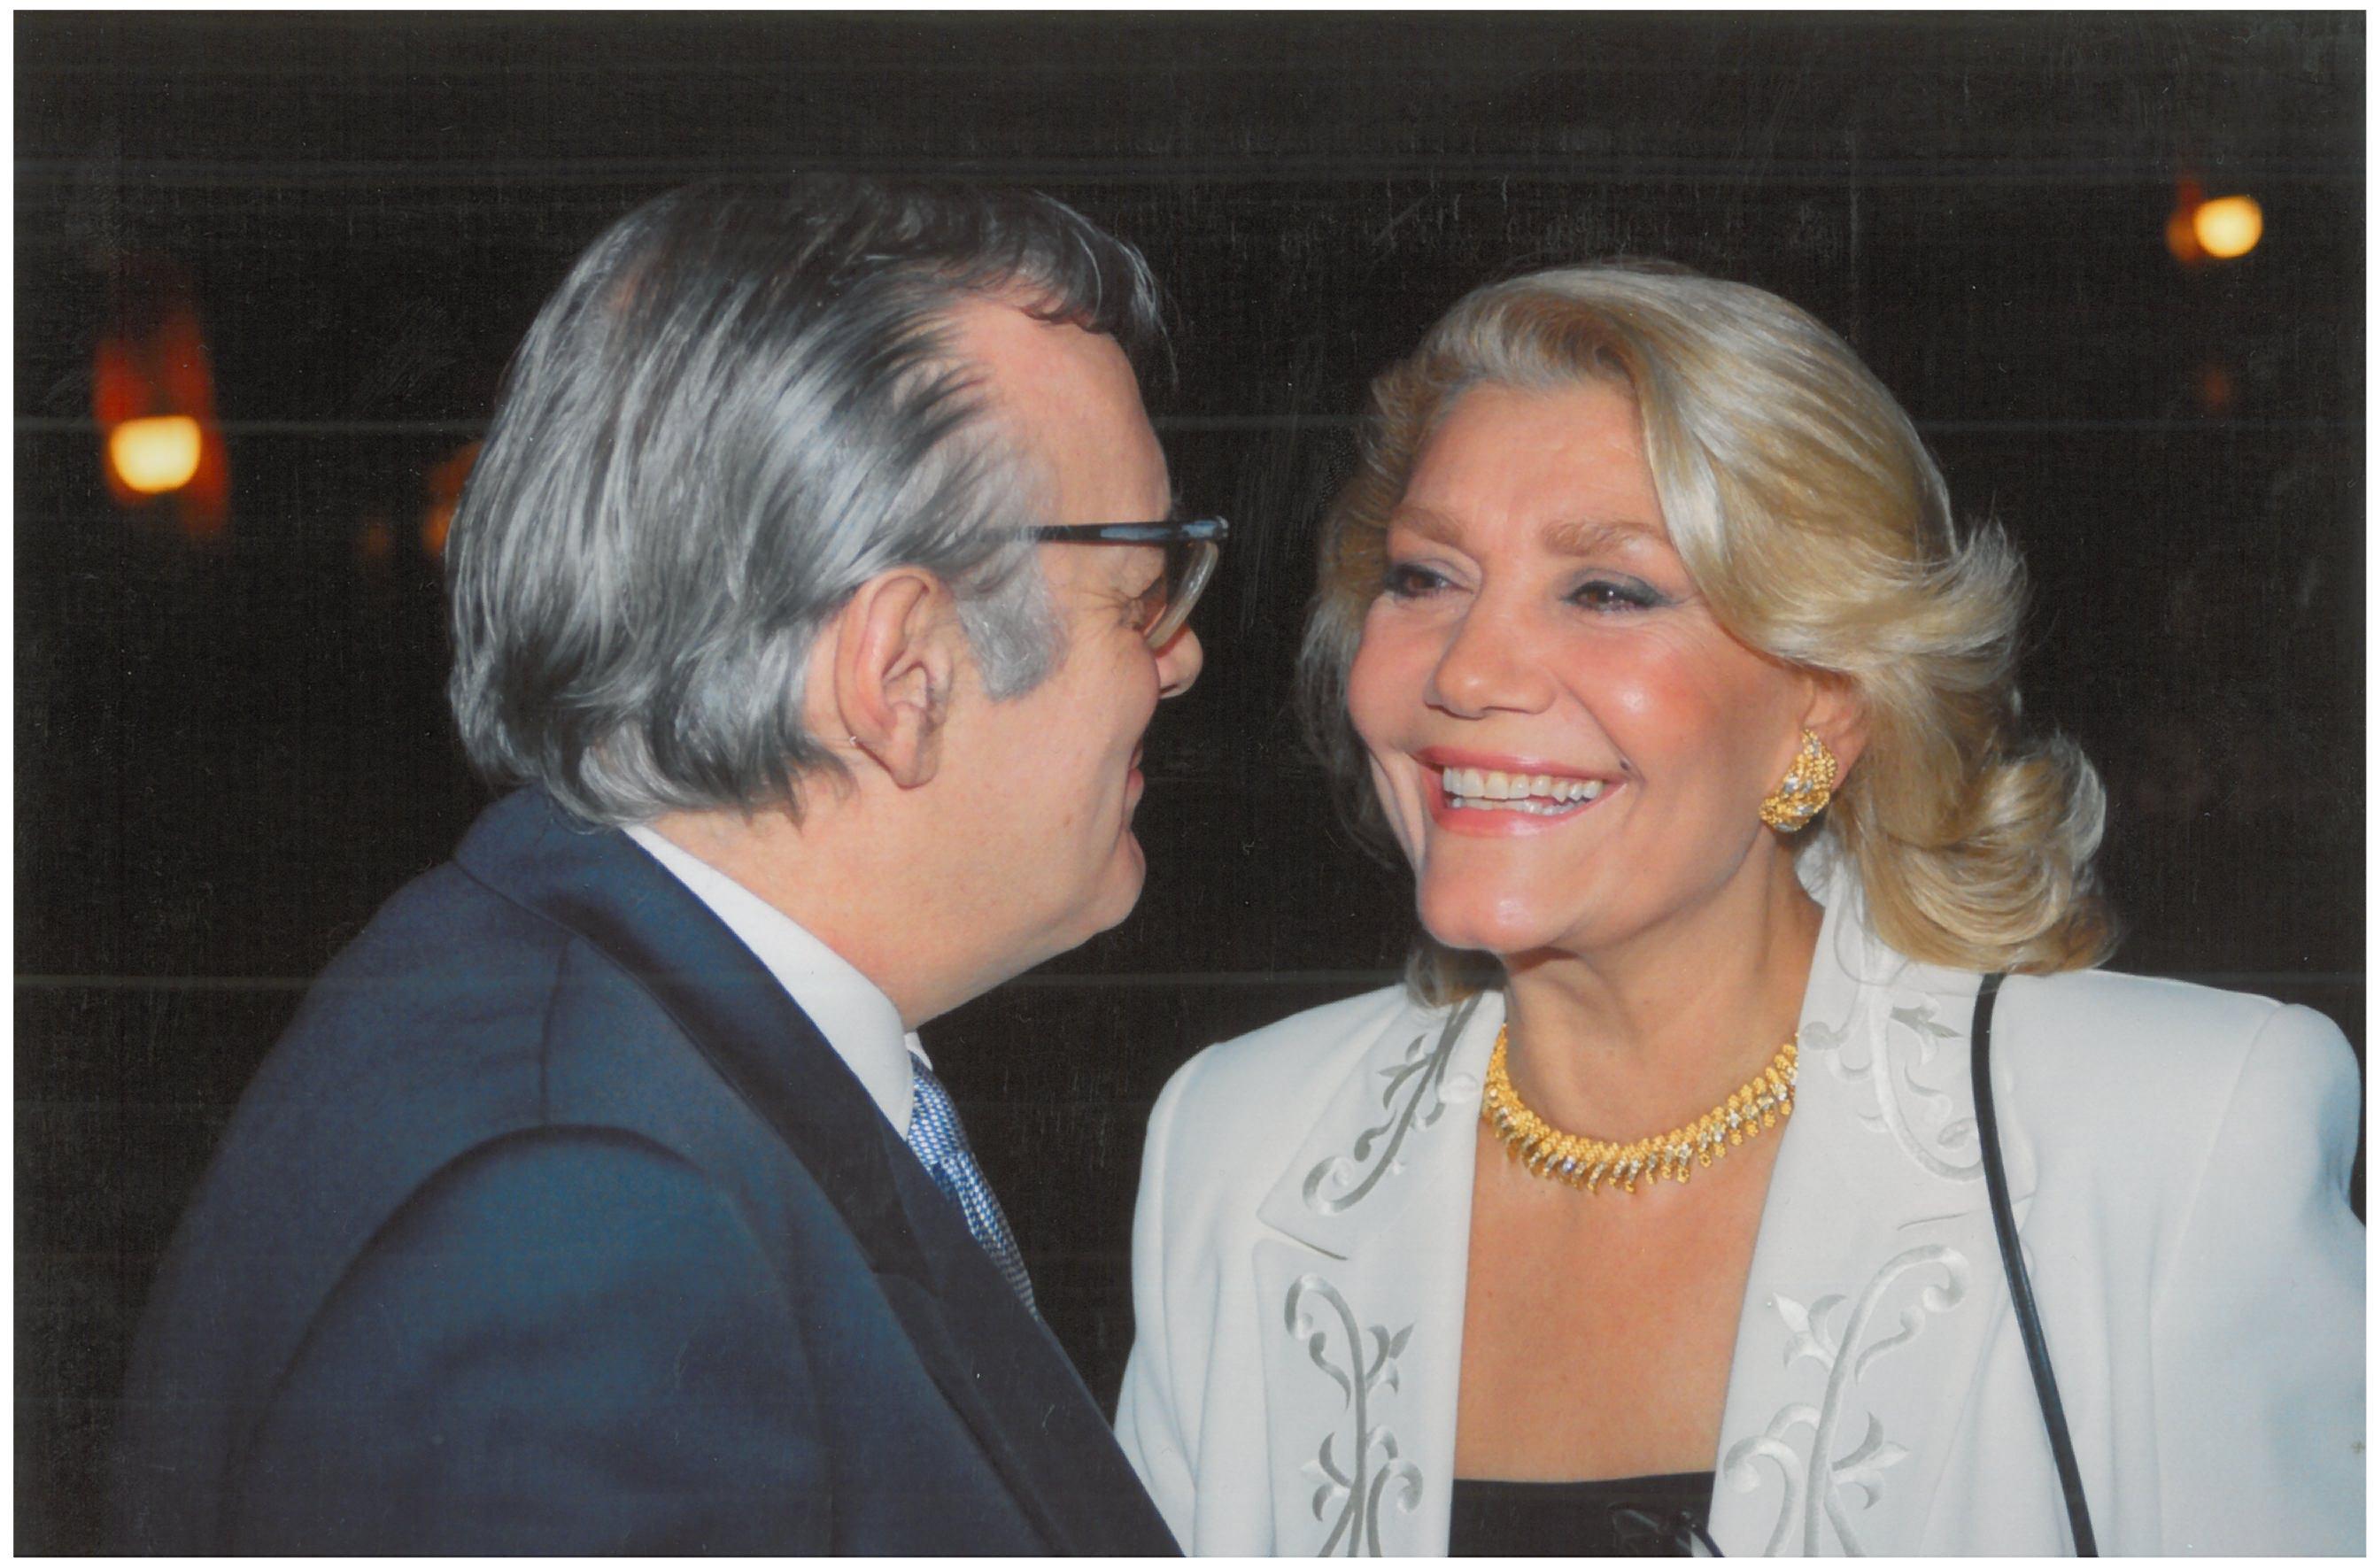 61 χρόνια Μαρινέλλα: Η φωνή που νίκησε τον χρόνο